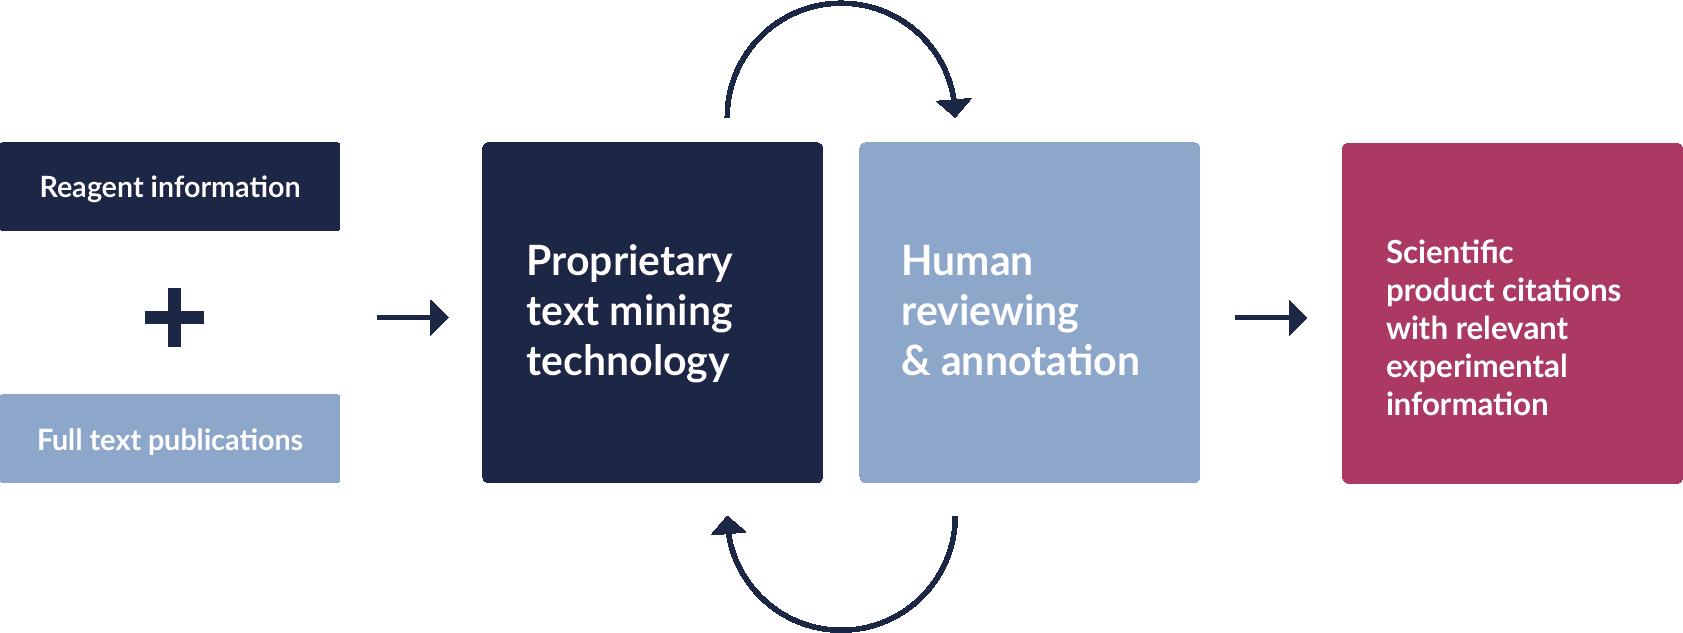 Citations diagram